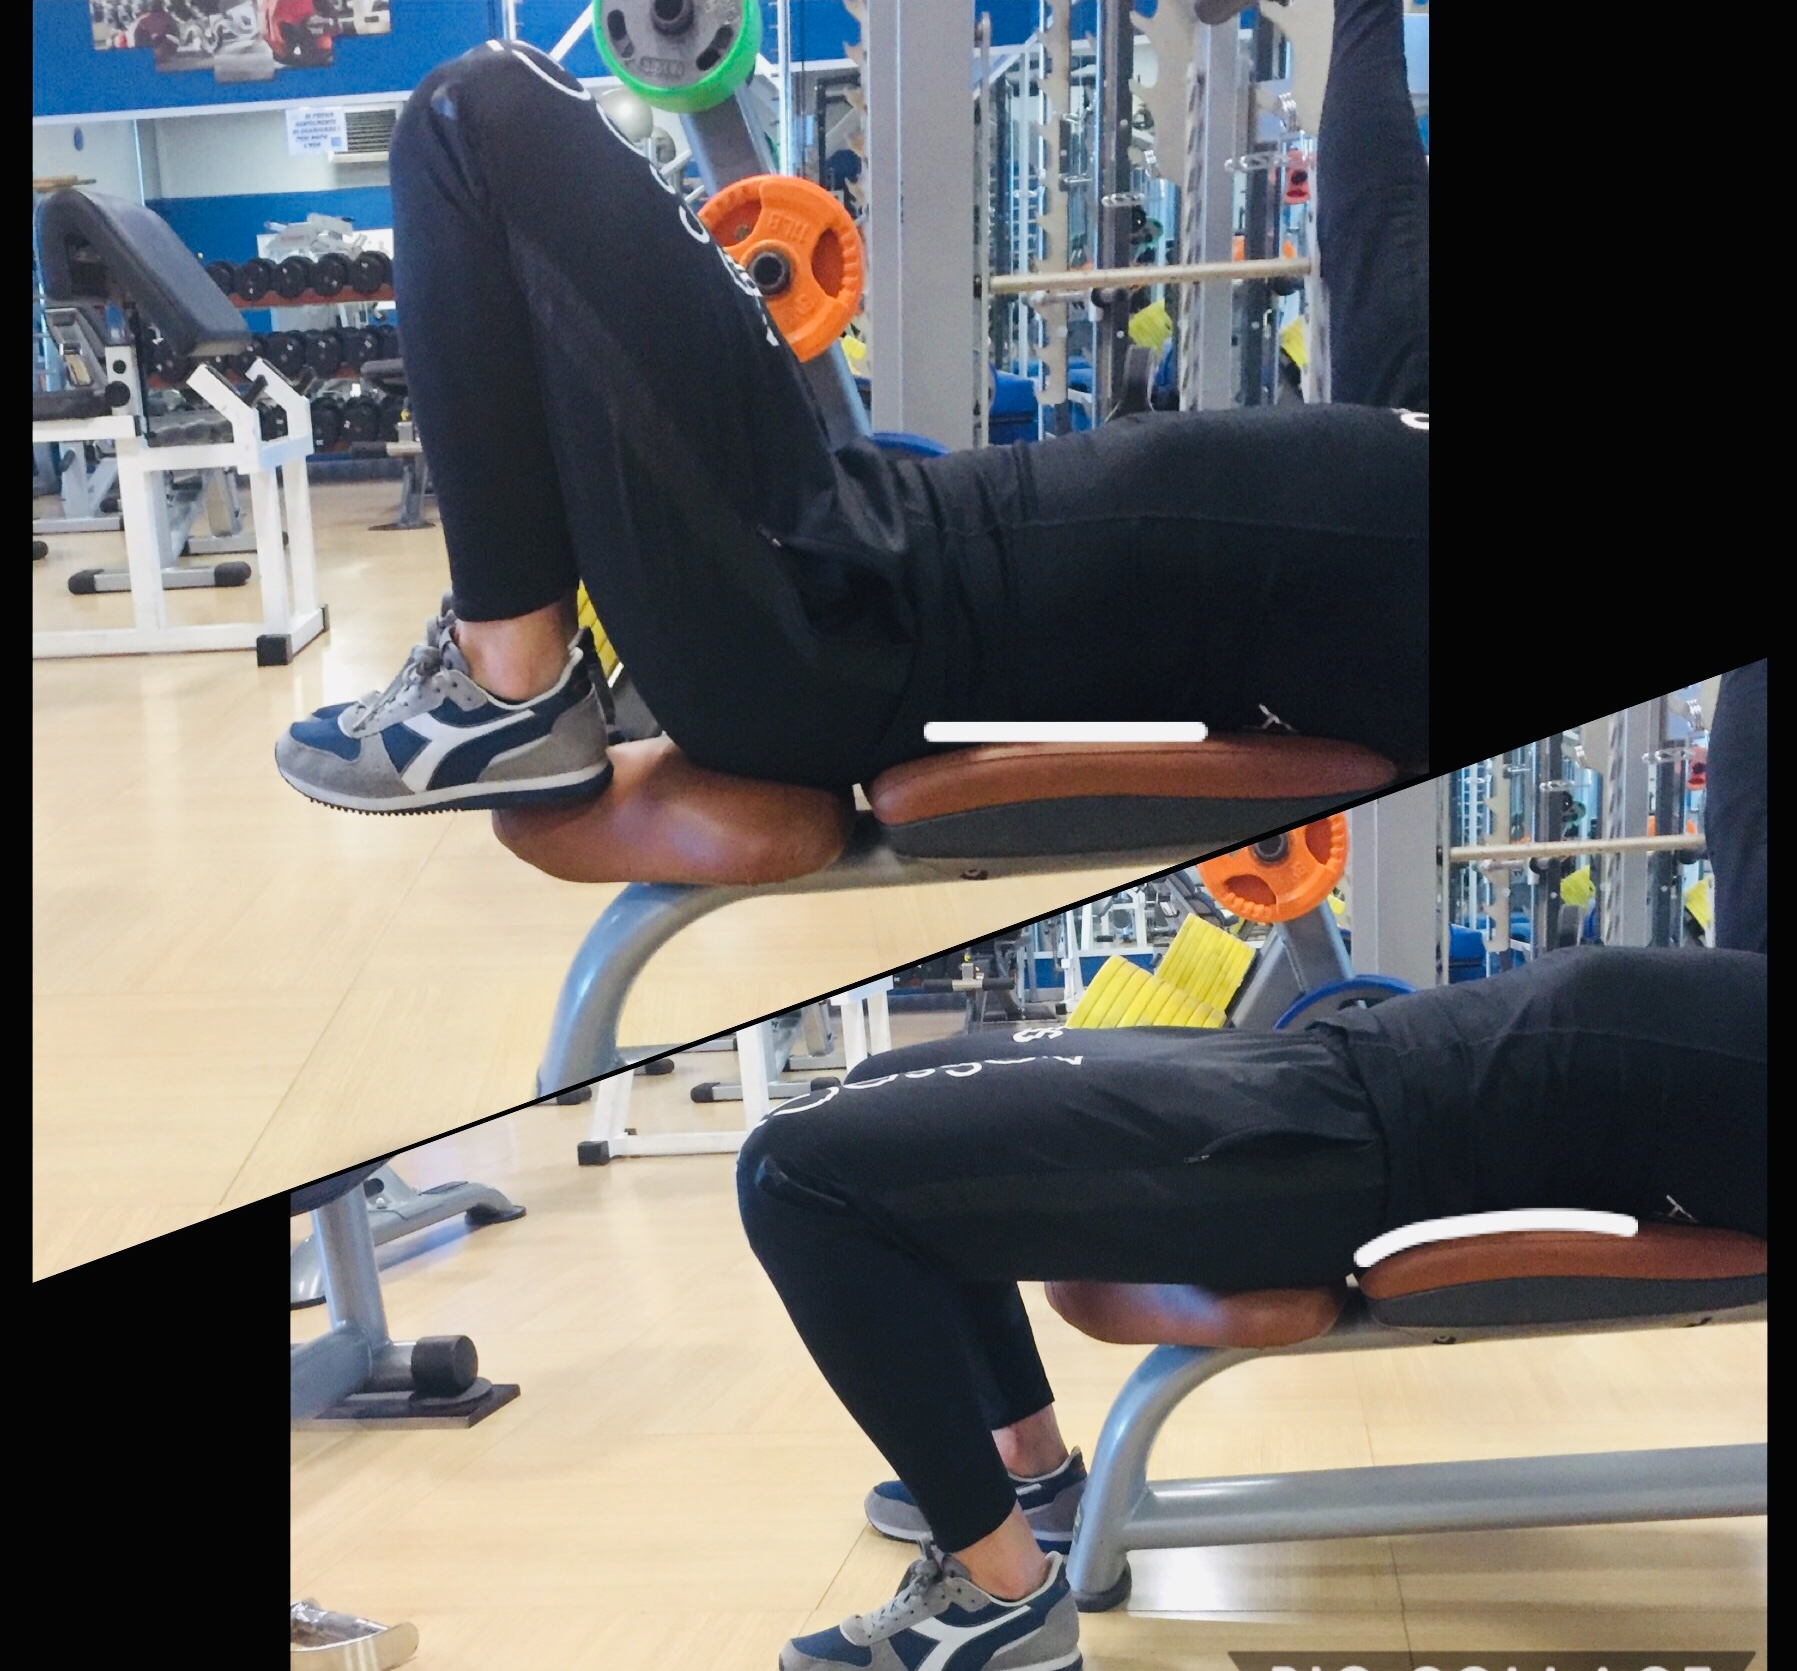 PANCA PIANA: piedi a terra o gambe sollevate?